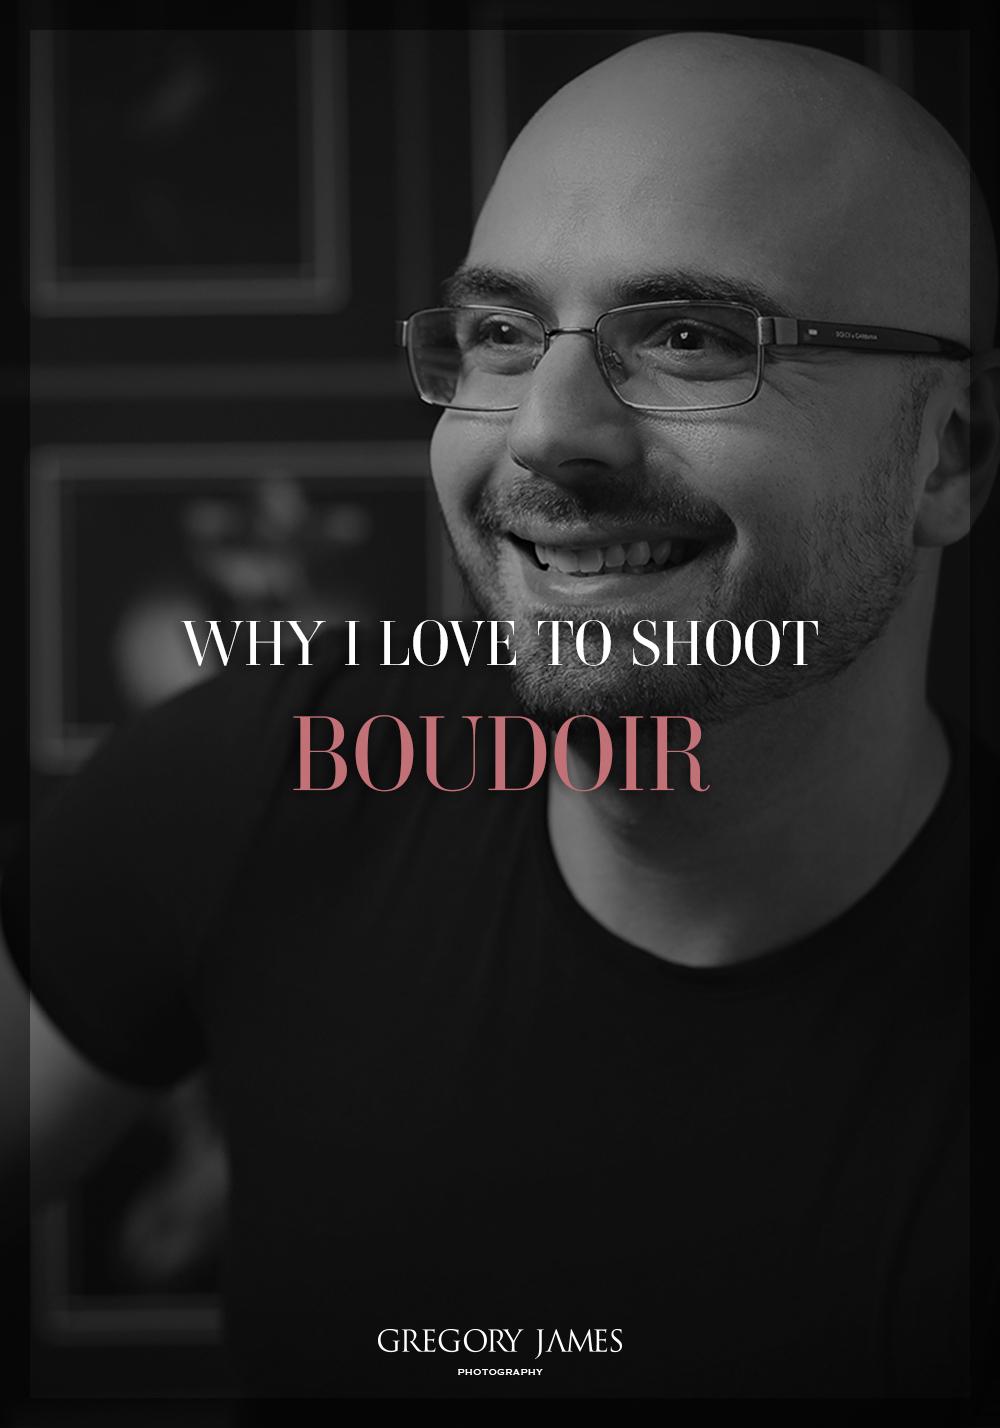 why_i_love_to_shoot_boudoir.jpg